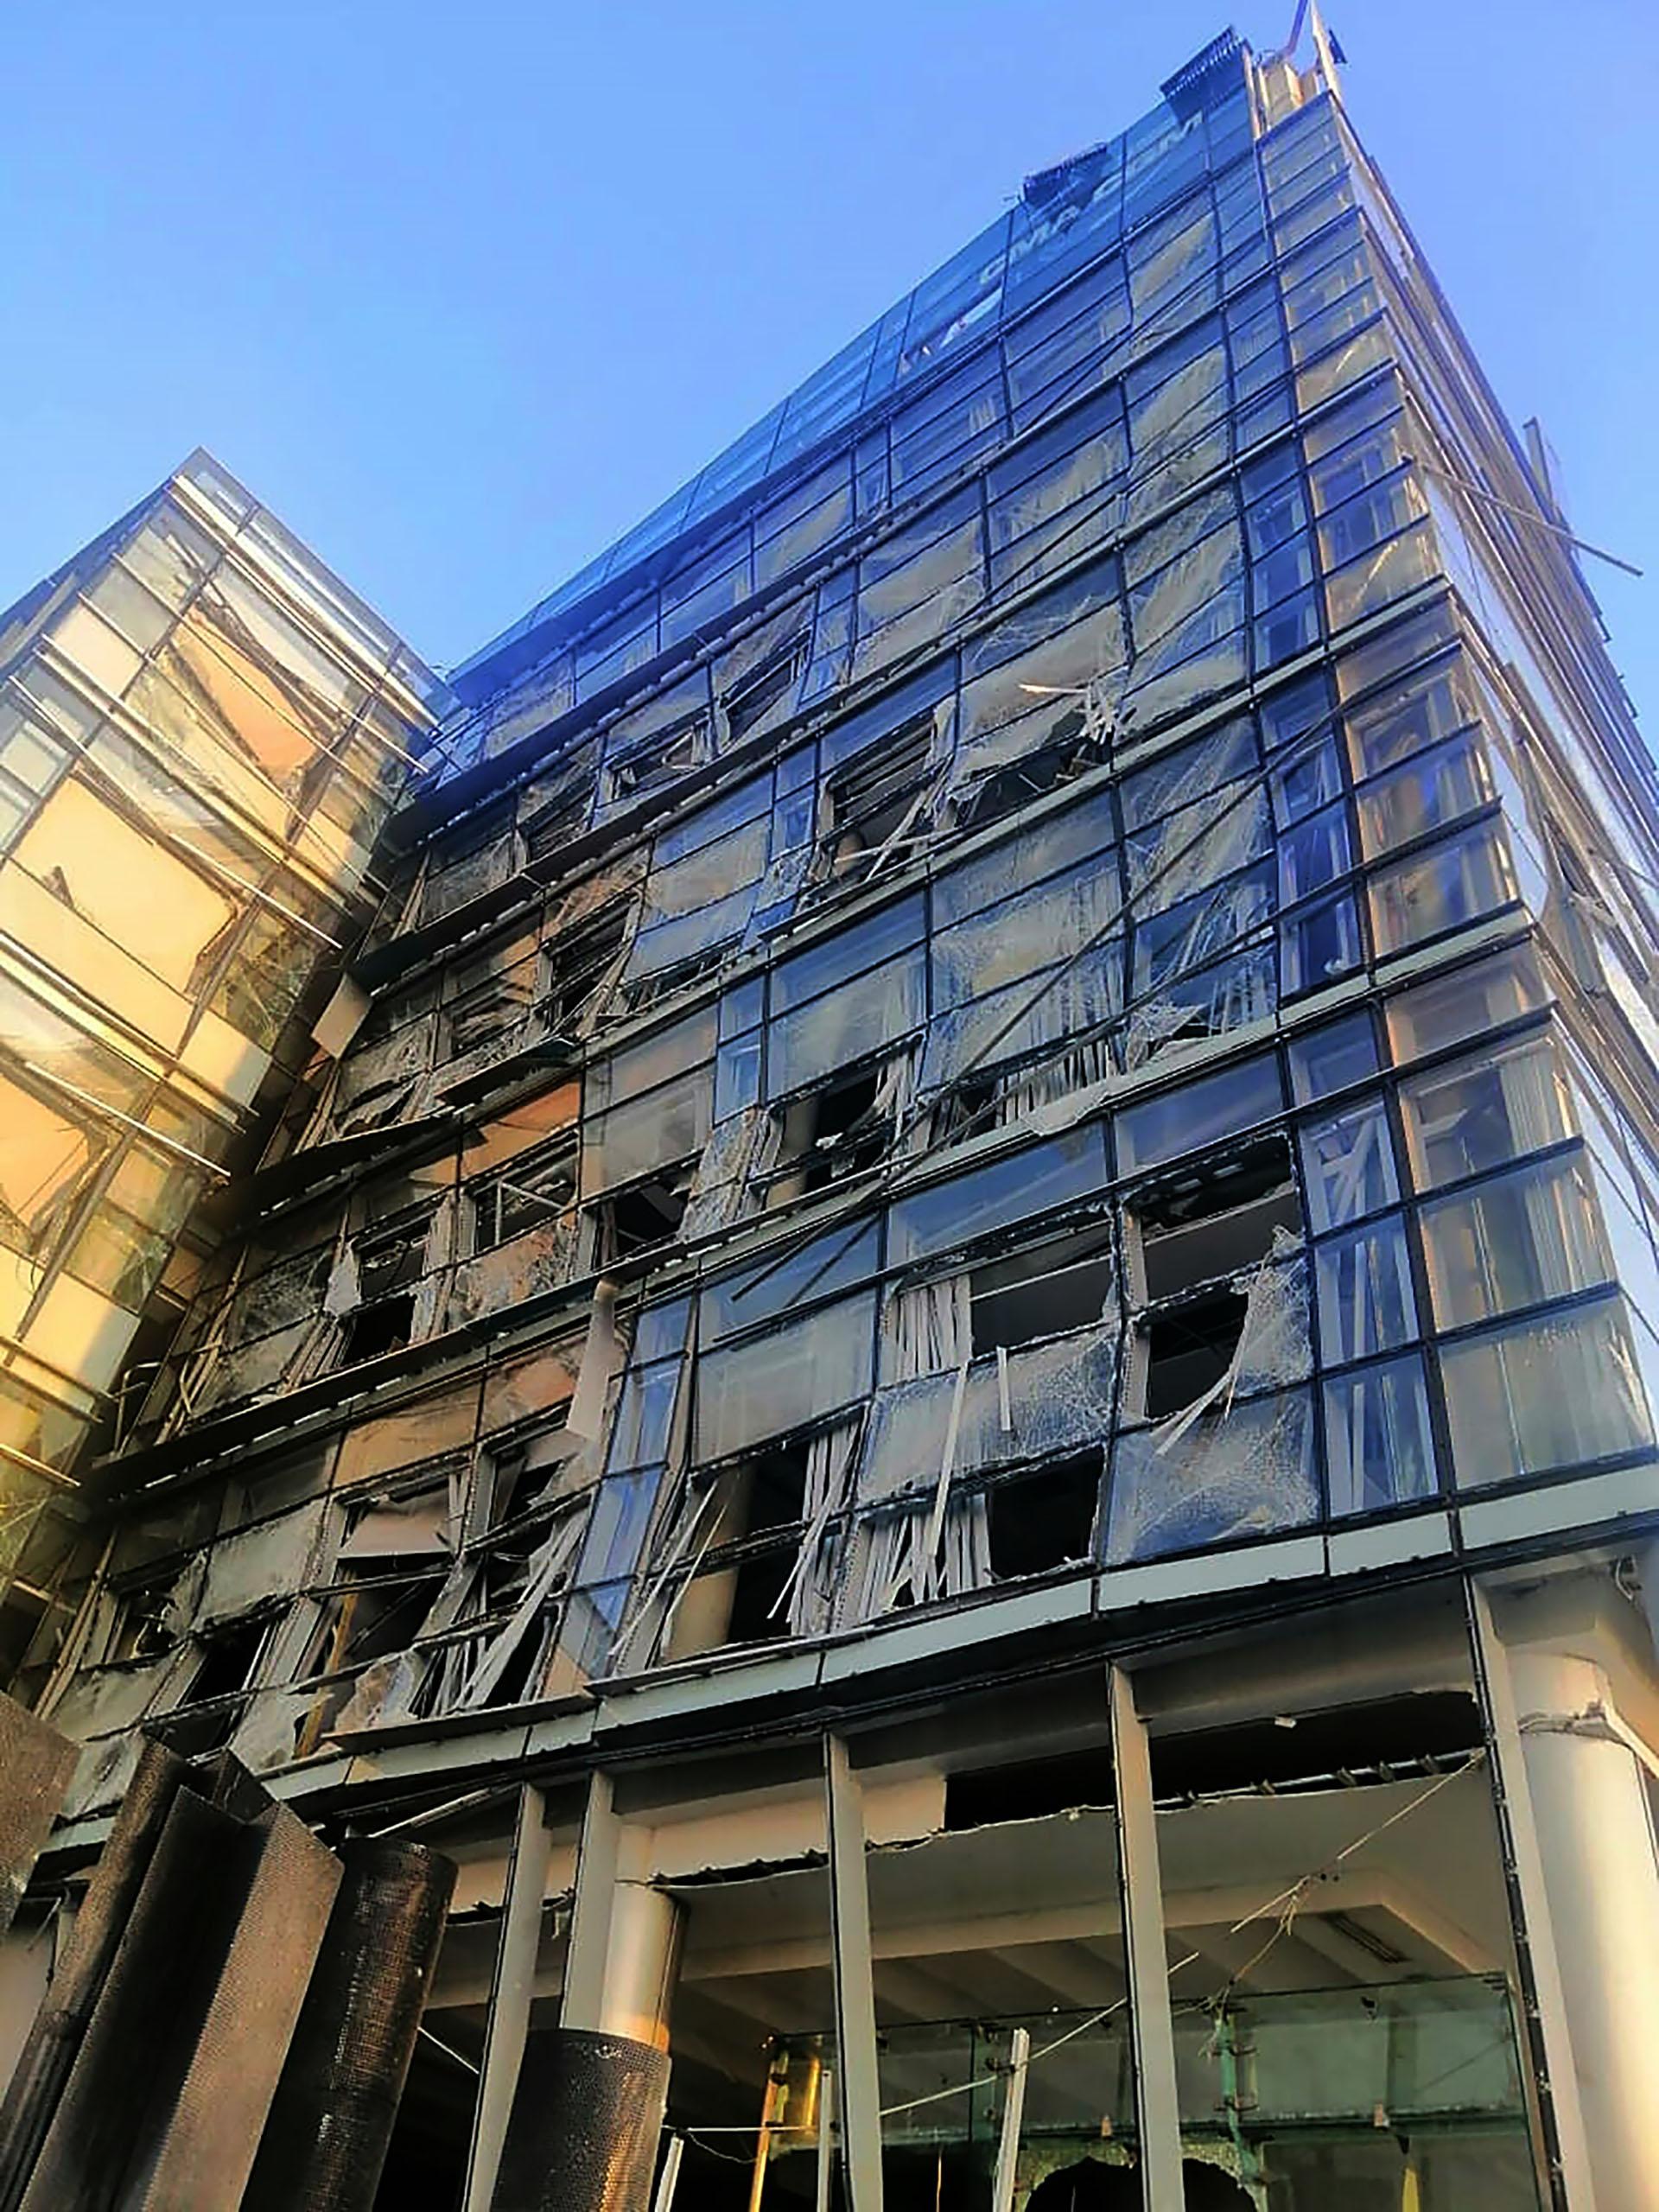 El frente de un edificio, muy dañado por la explosión (AFP)